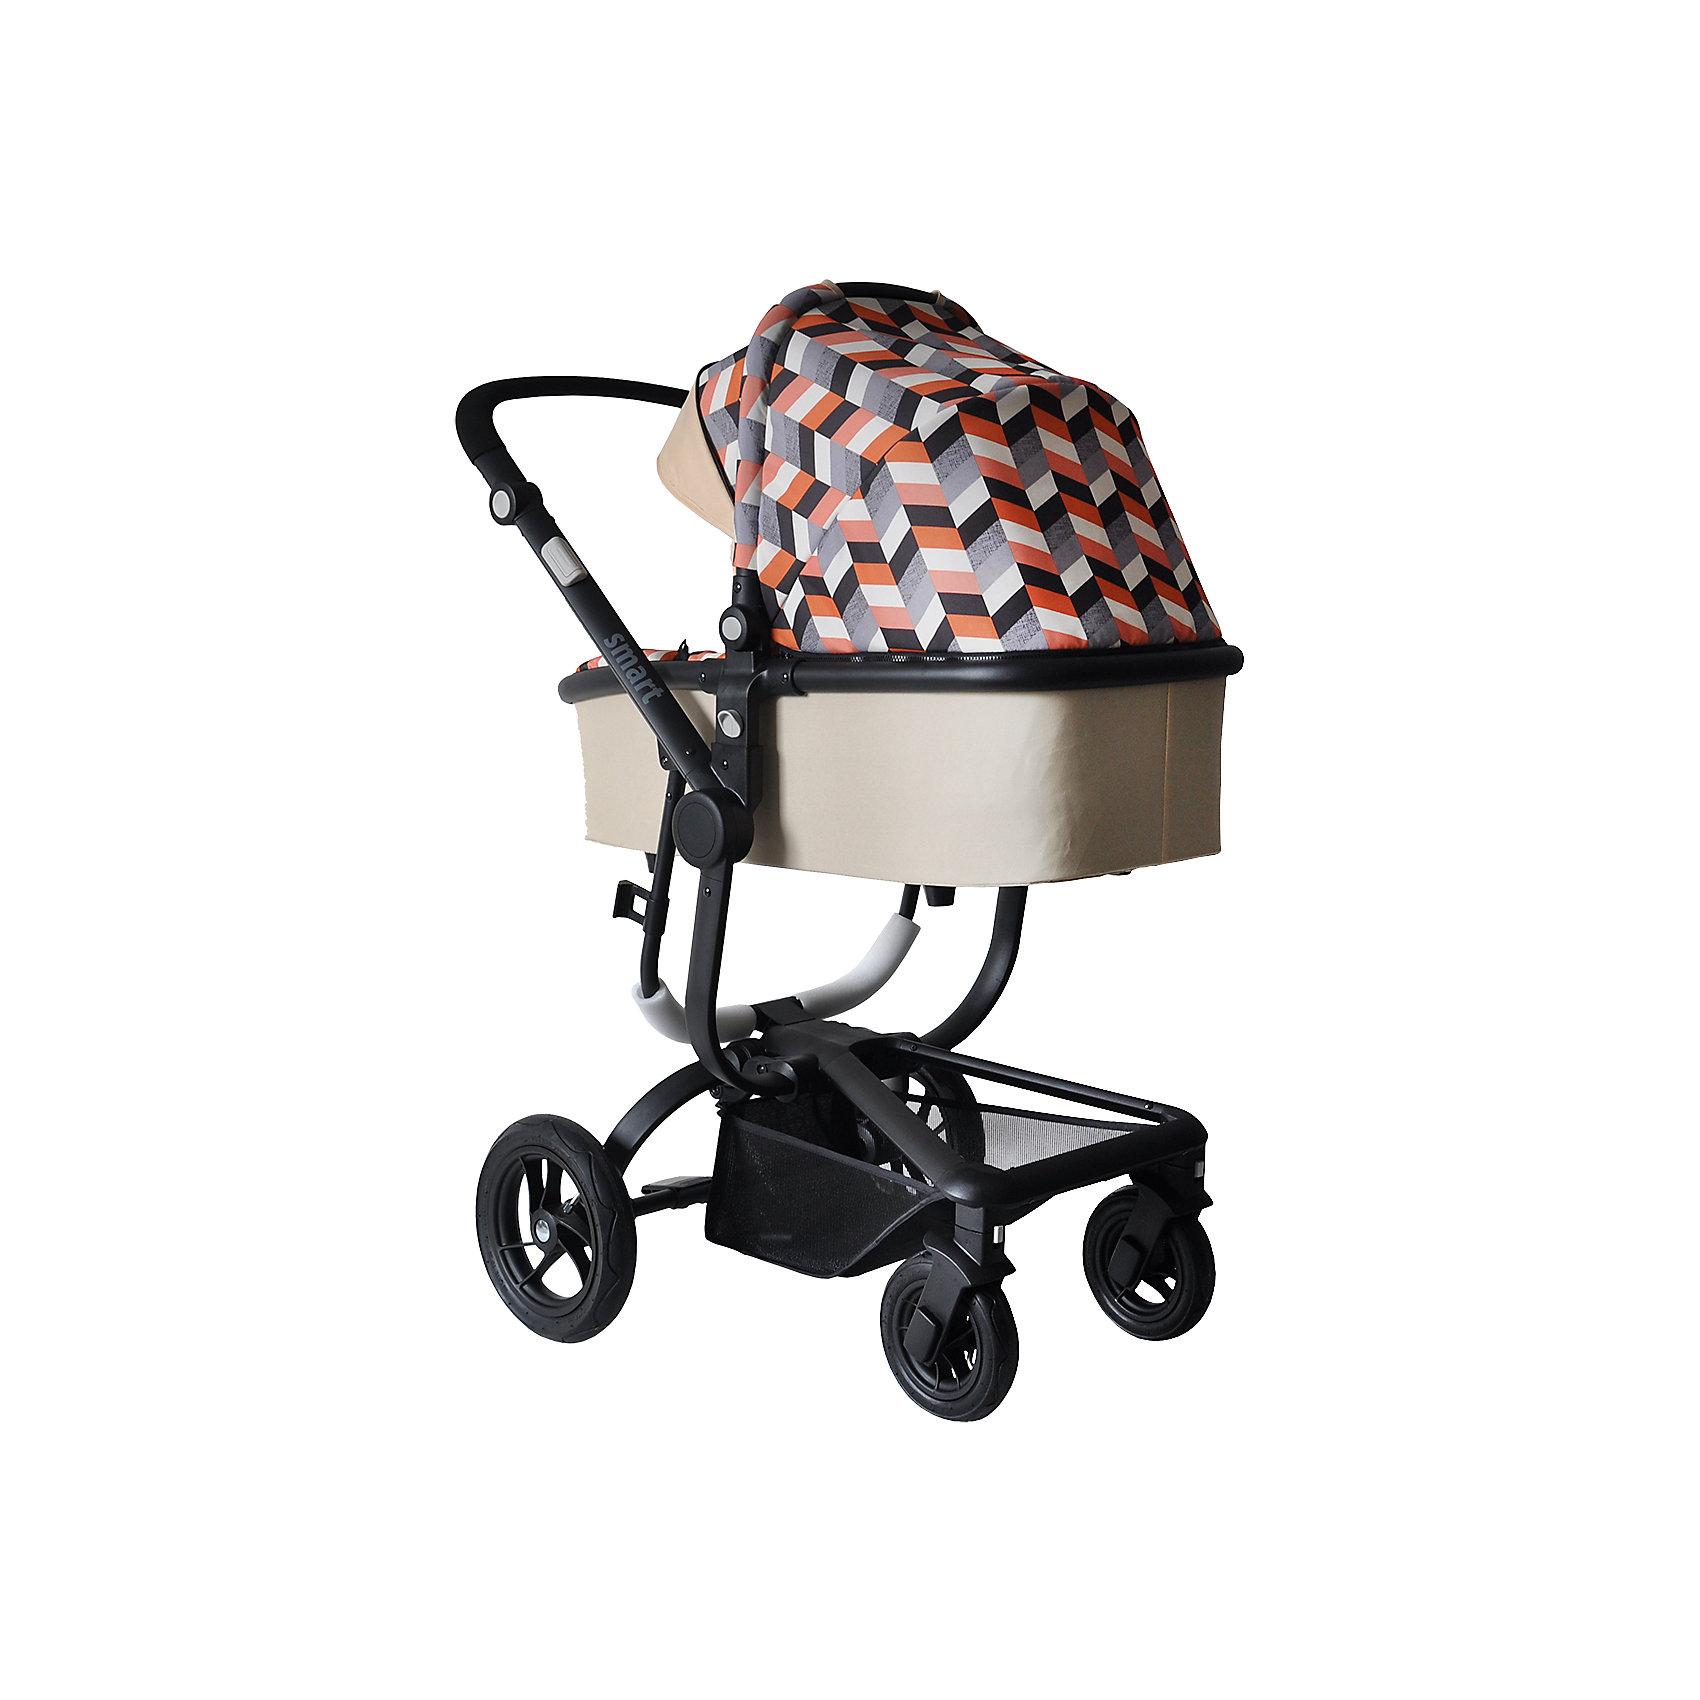 Коляска 2-в-1 SMART, Baby Hit, бежевыйДетская коляска с прогулочным блоком и люлькой сыграет важную роль в прогулках с малышом от рождения и пока крохе не исполнится три годика. Просторная люлька с жестким дном, каркасная, теплая, непродуваемая. Прогулочный блок с накидкой на ножки, съемным бампером и опускающейся почти до горизонтального положения спинкой. Маневренная коляска, рама с разной по размеру передней и задней колесной базой, надувные задние колеса и поворотные с блокировкой передние.<br><br>Характеристика:<br>- Для детей от рождения до трех лет.<br>- Переставляемый «лицом к родителю» и обратно прогулочный блок.<br>- Перекидная родительская ручка.<br>- Четыре положения регулировки наклона спинки.<br>- Регулируемая подножка.<br>- Поворотные одинарные передние колеса с фиксацией.<br>- Съемный ограничительный поручень с паховым ремнем.<br>- Пятиточечная система ремней безопасности.<br>- Прочная алюминиевая рама<br>- Багажная корзина с козырьком от грязи.<br>- Облегченные колеса (передние 18 см, задние  24 см).<br>- Ширина колесной базы менее 60 см (проходит в стандартные дверные проемы).<br>Люлька:<br>- Регулируемый наклон спинки: 3 положения;<br>- Спинка опускается до горизонтального положения;<br>- Регулируемая подножка, серые боковые кнопки регулировки;<br>- Съемный защитный бампер;<br>- Бампер обтянут мягкой тканью;<br>- Глубокий капюшон-батискаф с солнцезащитным козырьком и смотровым окошком;<br>- Утепленный чехол на ножки.<br>Рама:<br>- Тип складывания: книжка;<br>- Тип тормоза: ножной;<br>- Различная ширина колесной базы;<br>- Колеса разного диаметра;<br>- Задние колеса надувные, материал ПВХ;<br>- Передние колеса поворотные с блокировкой,          - Материал полиуретан;<br>- Ручка сплошная;<br>- Высота ручки регулируется, используются боковые кнопки серого цвета, которые находятся на раме коляски.<br><br>Дополнительная информация:<br>- Вес коляски с люлькой - 13,5 кг.<br>- Вес коляски без люльки - 8,5 кг.<br>- Ширина колесной базы - 59,5 см<br>- Разме